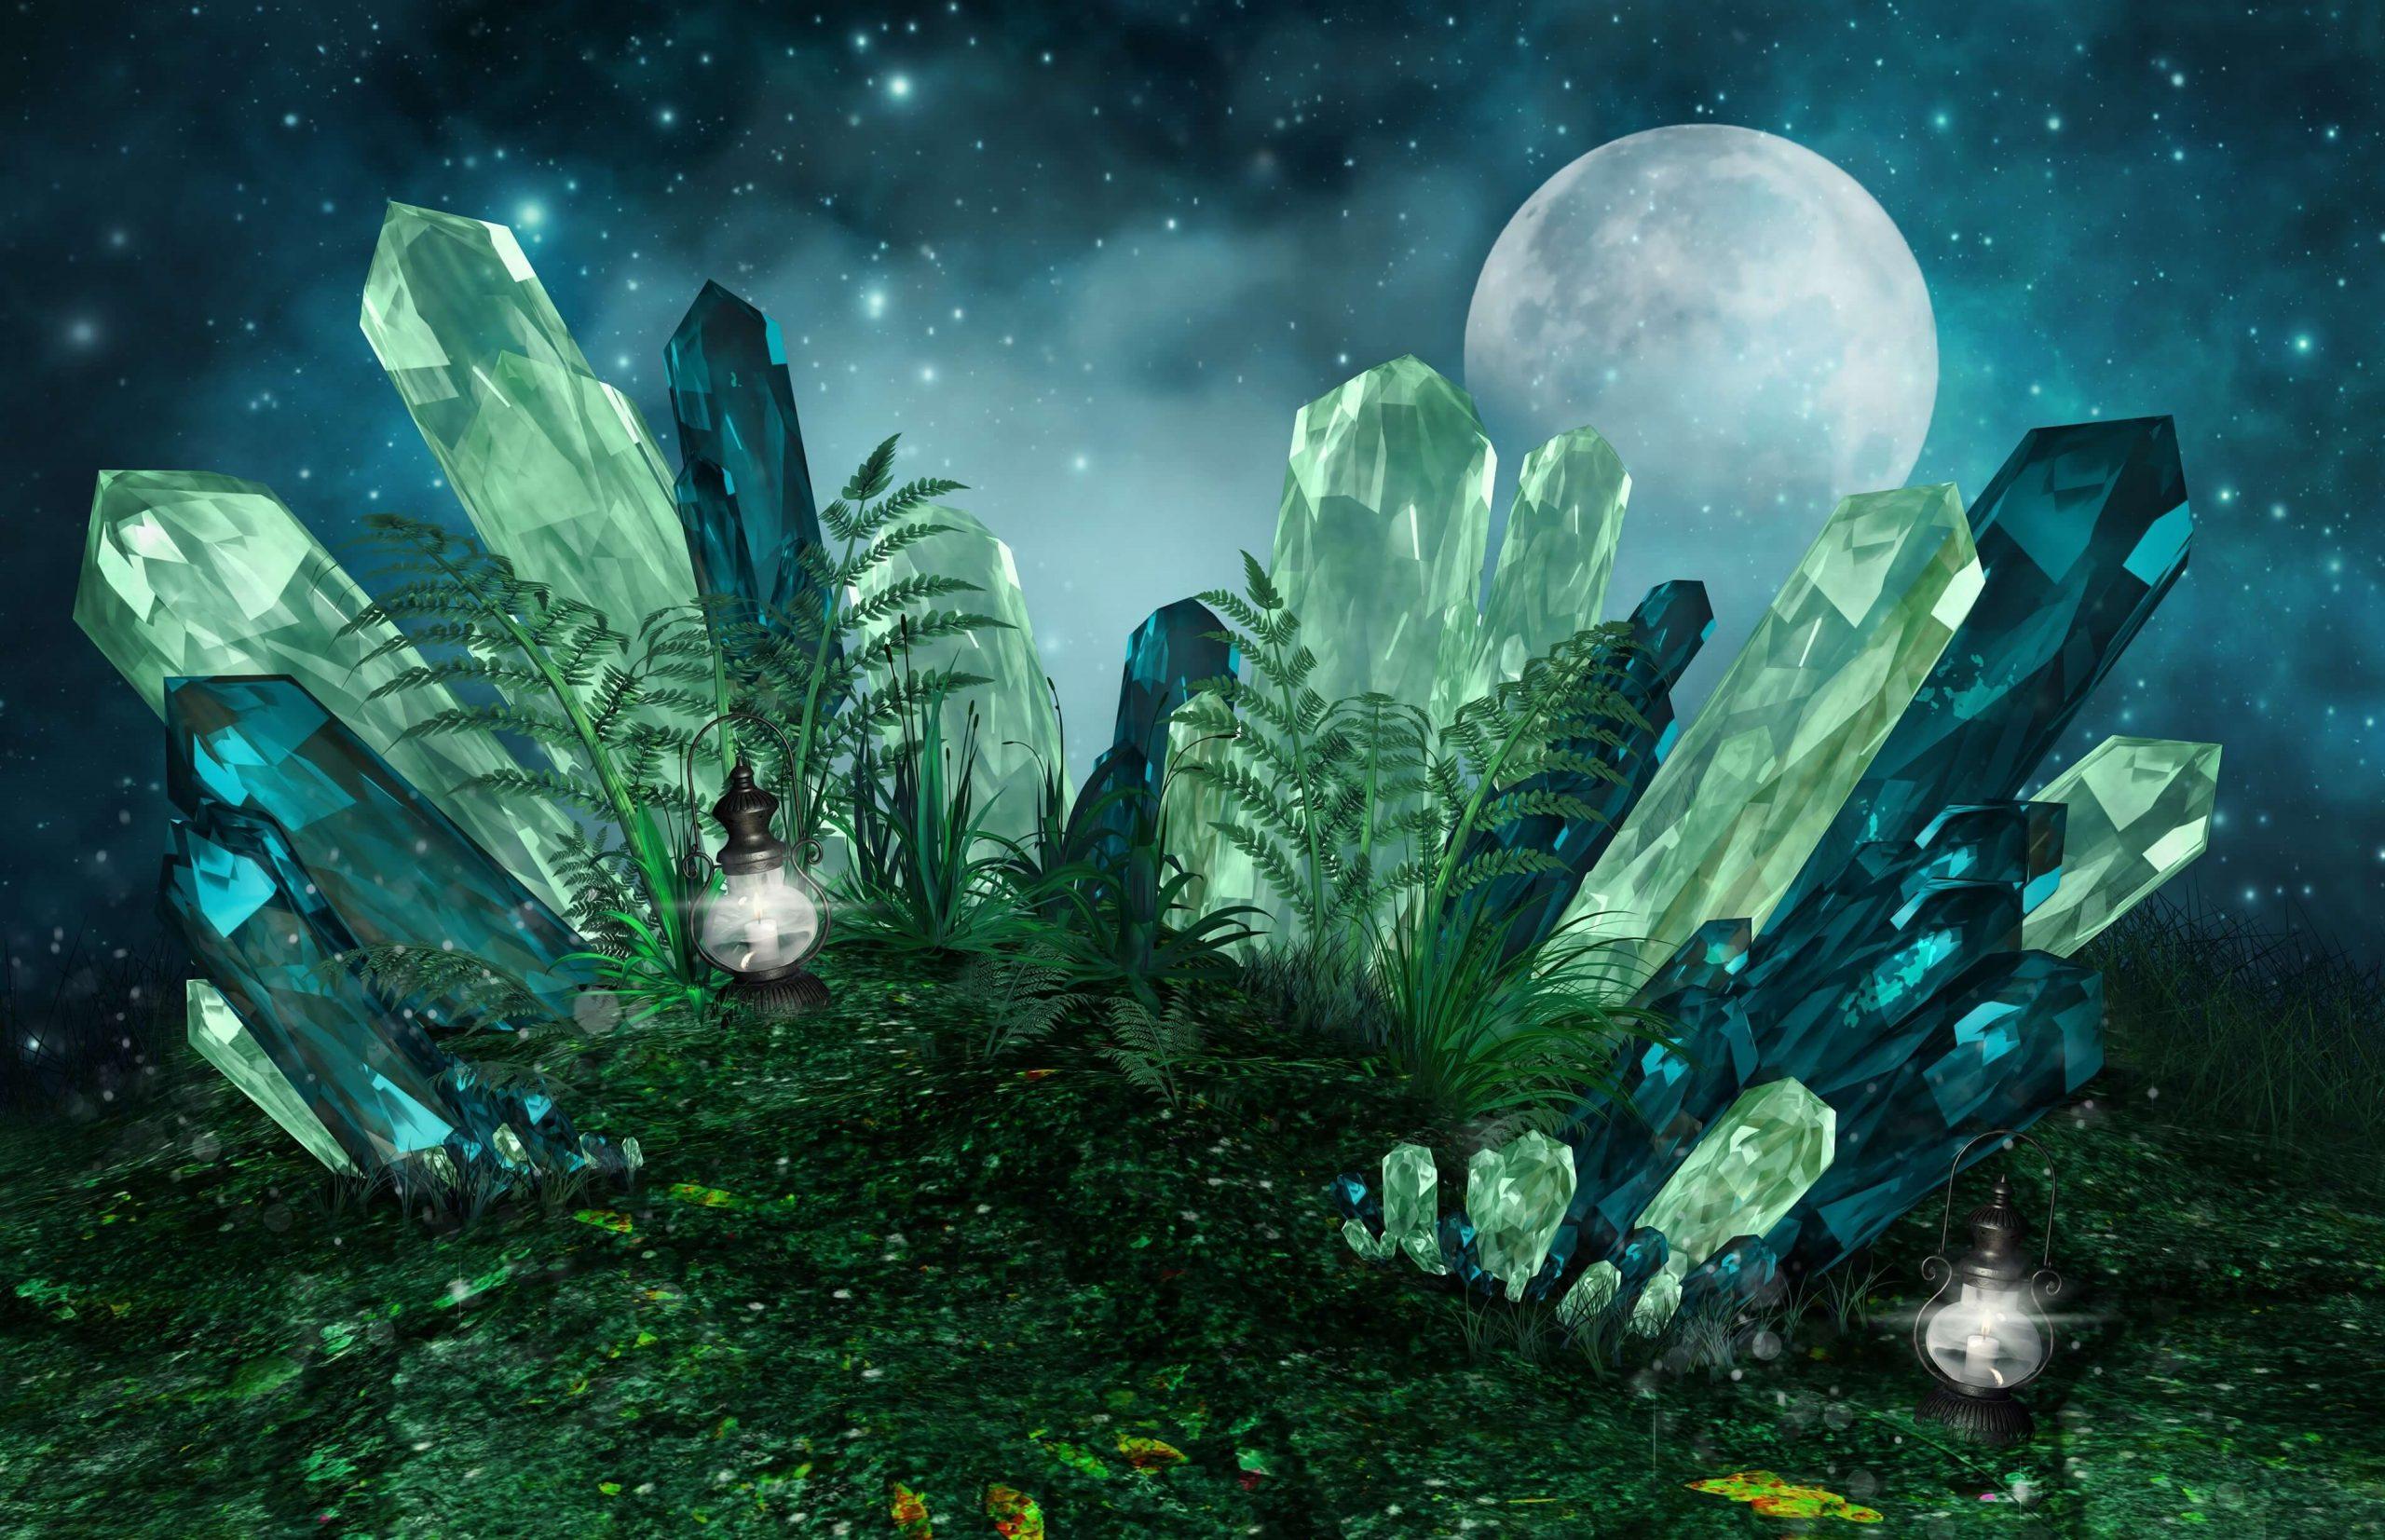 El Poder Sanador de los Cristales. Los Guardianes de la Tierra están Aquí.